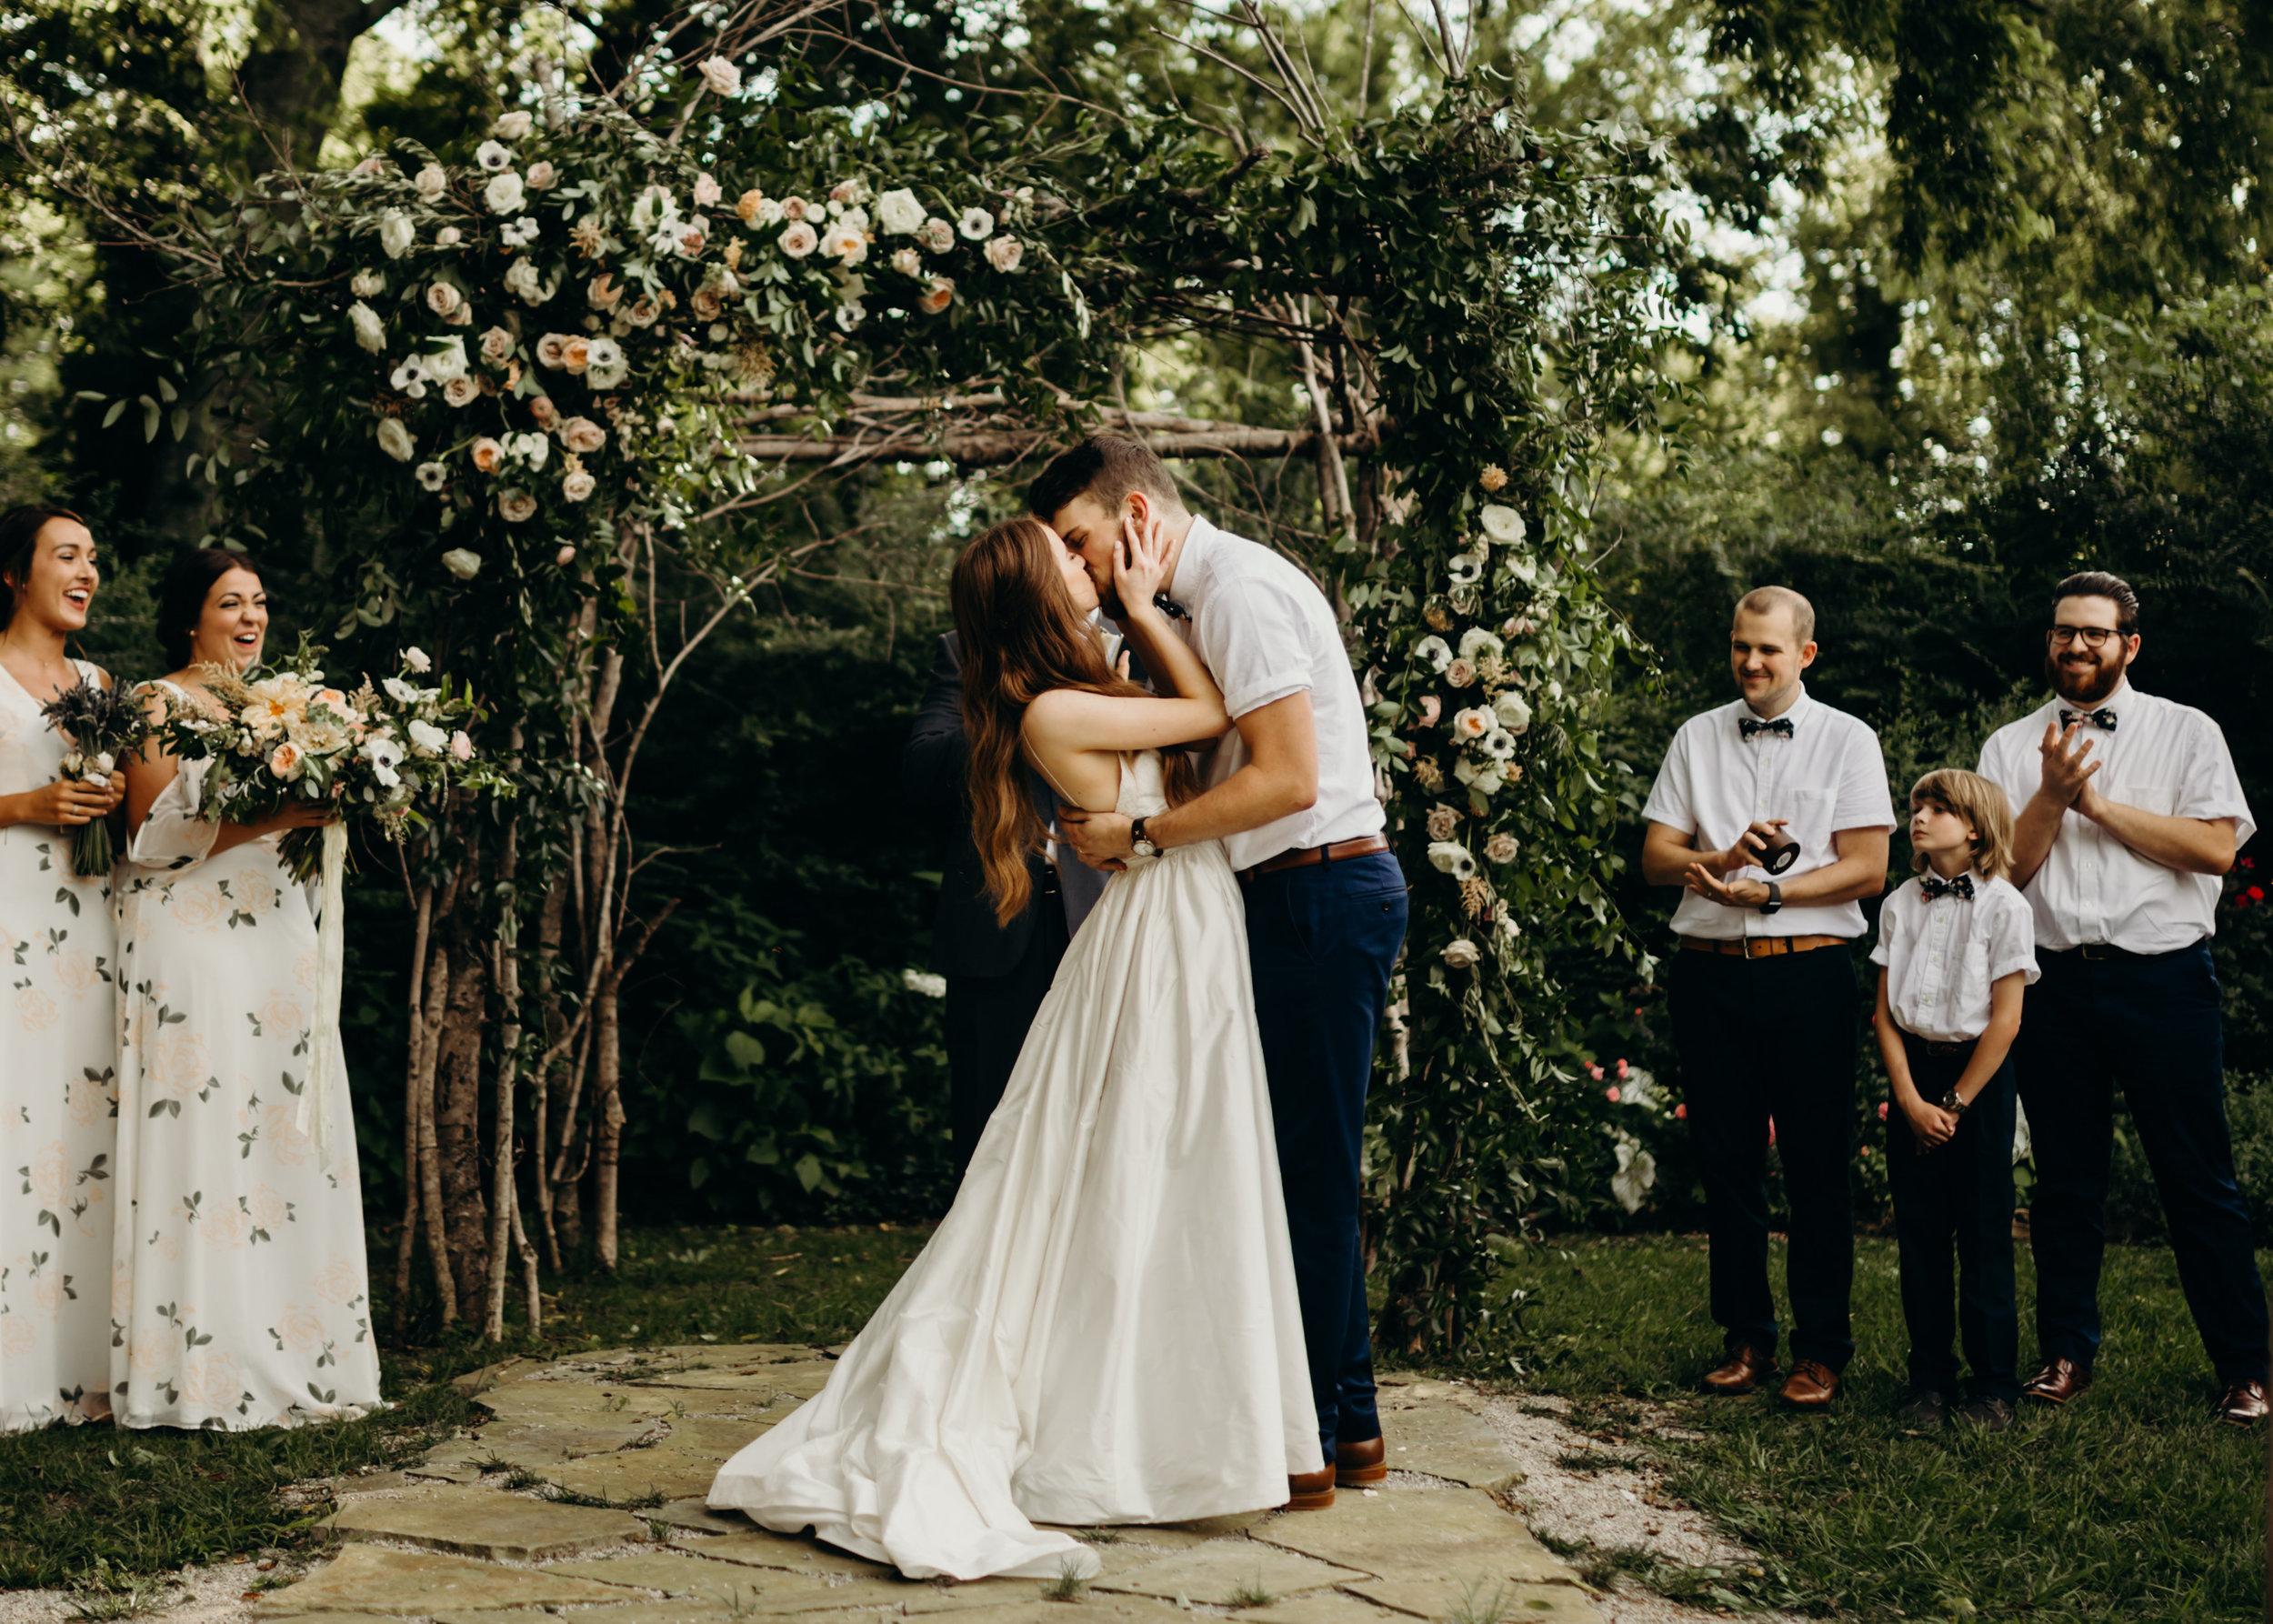 Natural, organic floral arbor installation for the wedding ceremony backdrop // Nashville Wedding Floral Designer